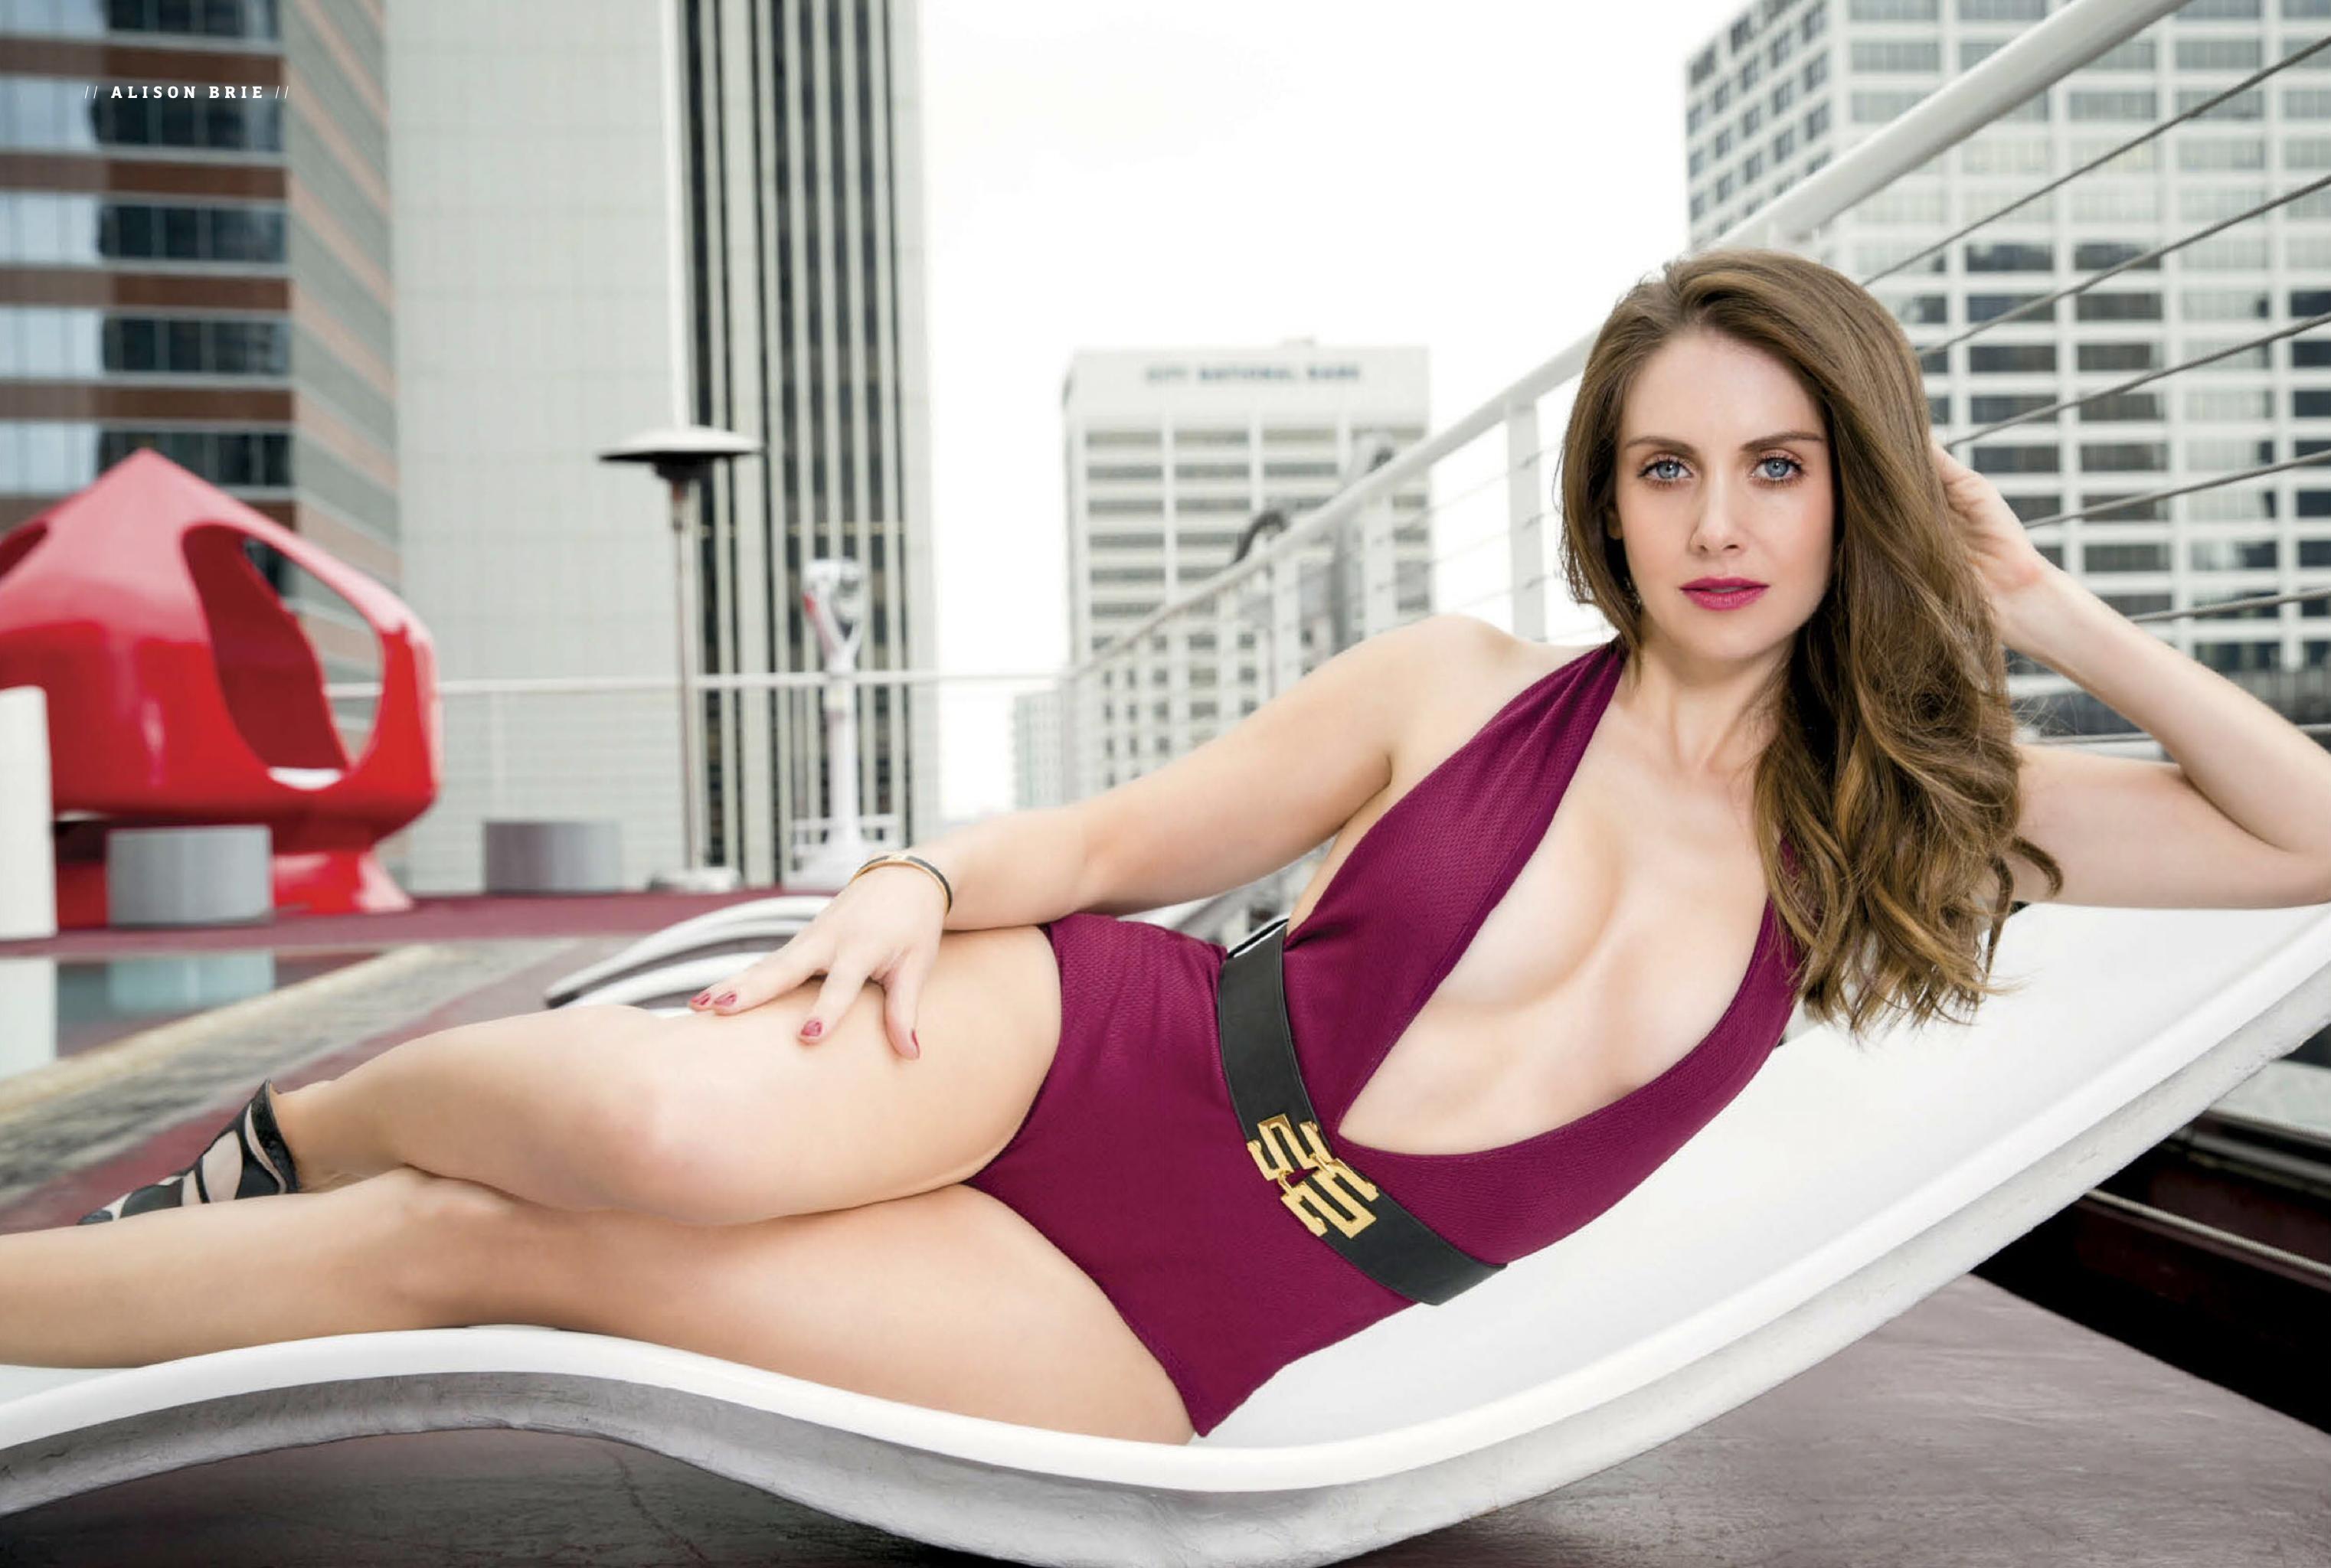 Alison Brie desnuda 4